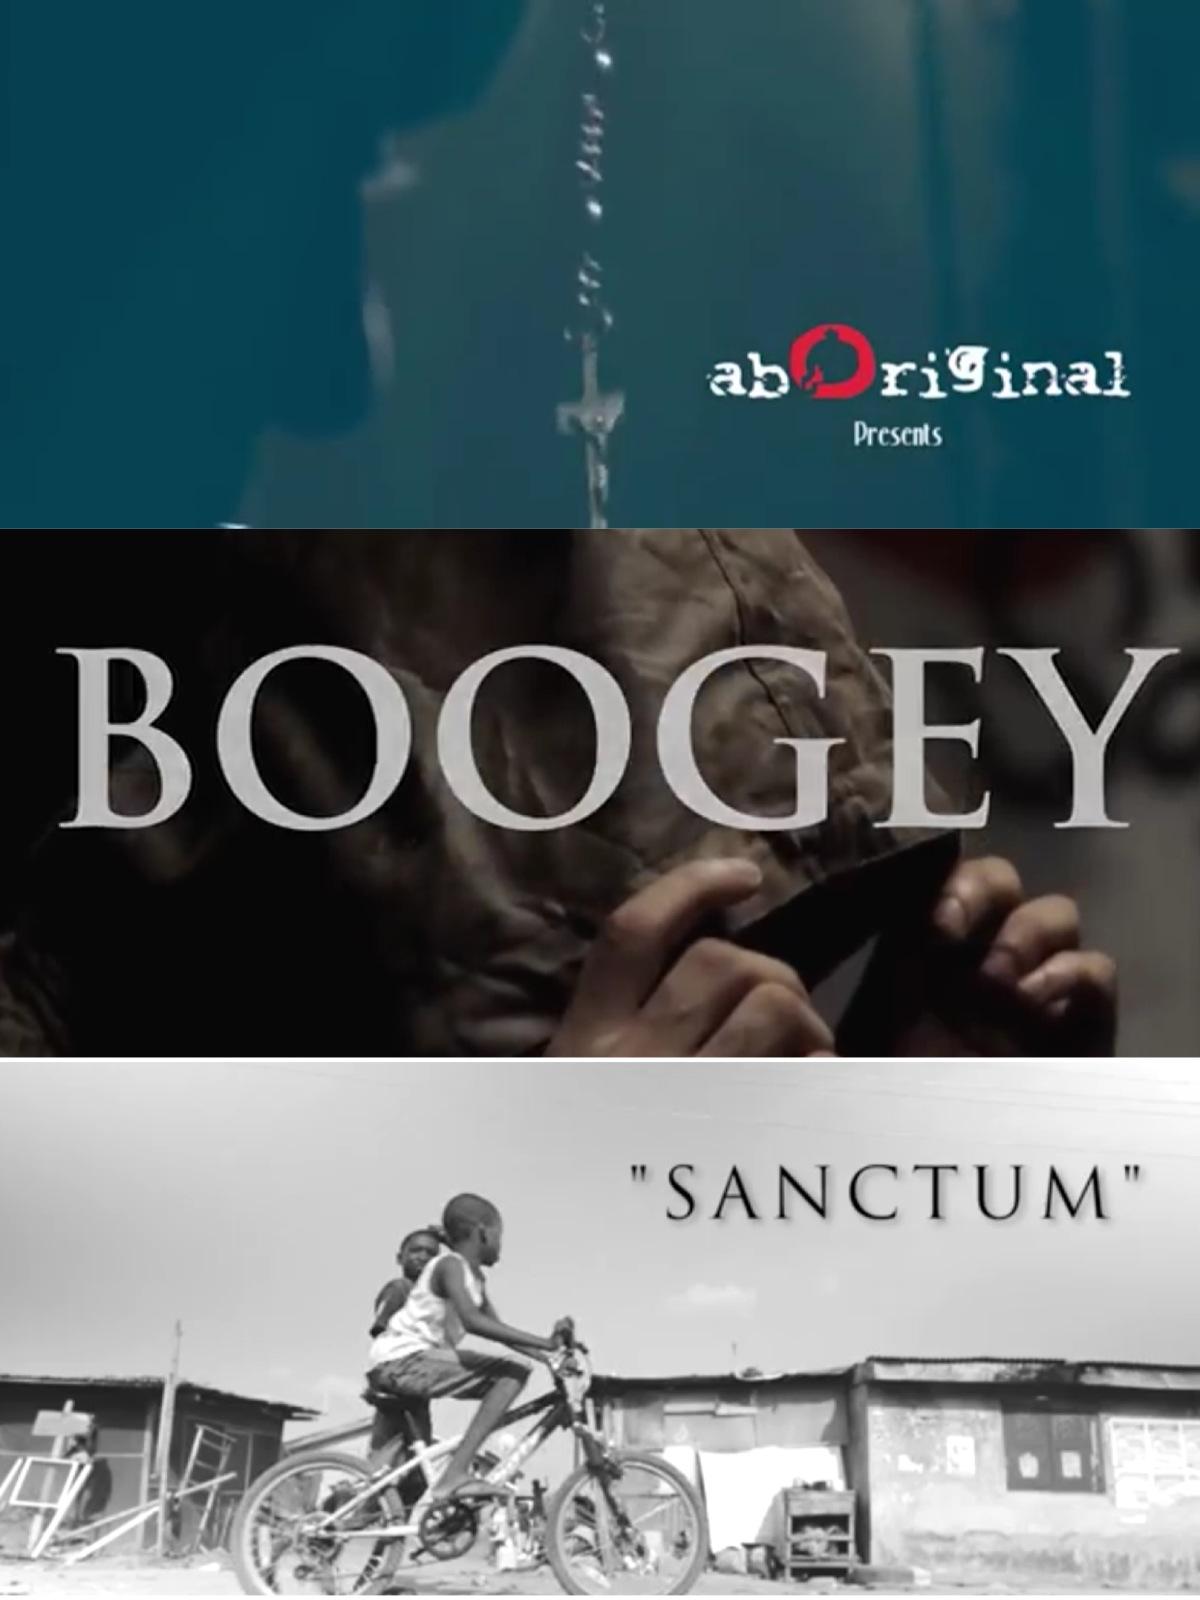 Boogey Sanctum vid Artwork